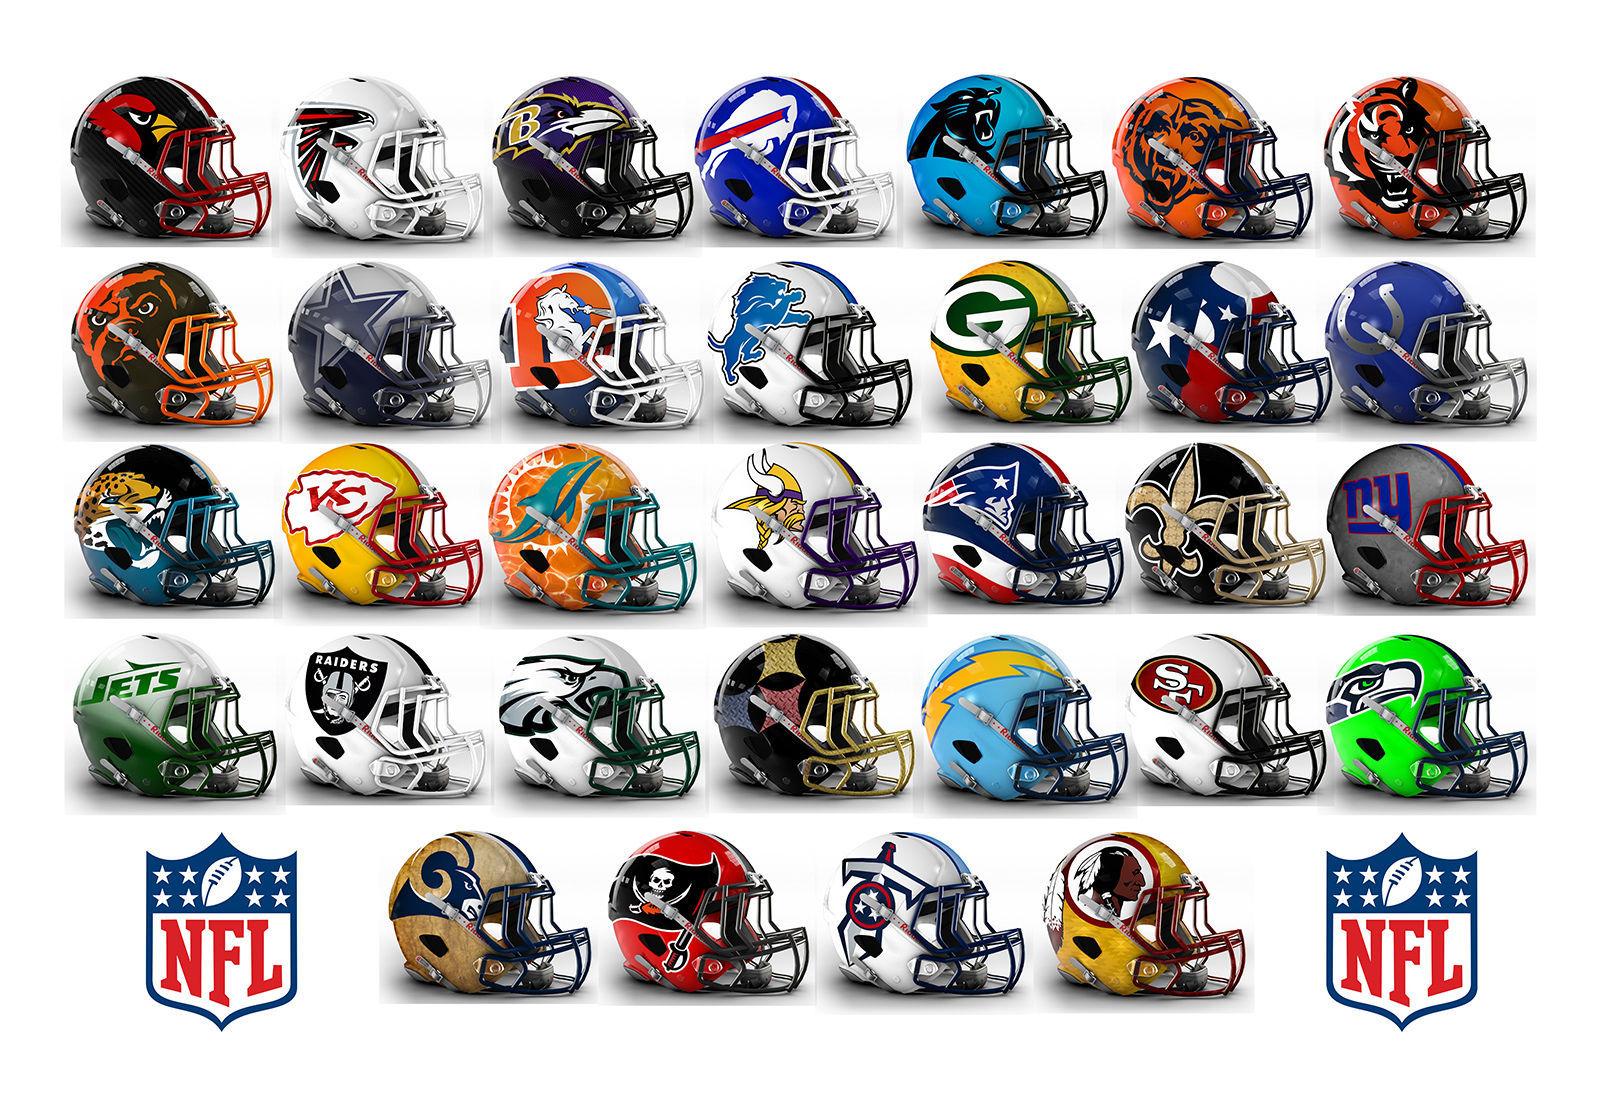 6112 - ¿Serás capaz de identificar estos equipos de NFL por el casco?